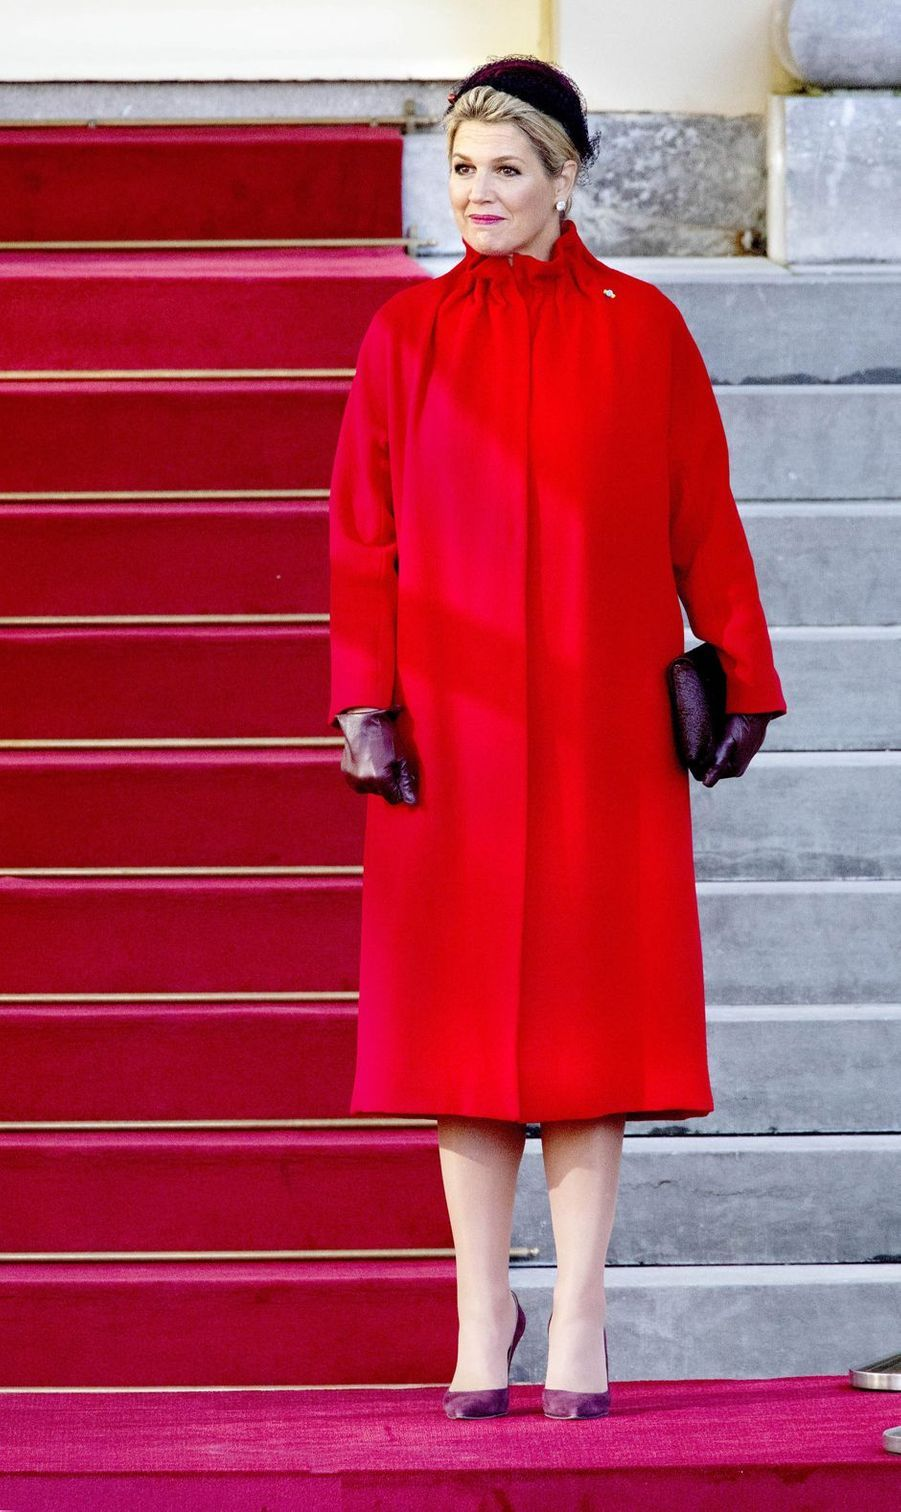 La reine Maxima des Pays-Bas dans un look rouge et aubergine à La Haye, le 29 octobre 2019